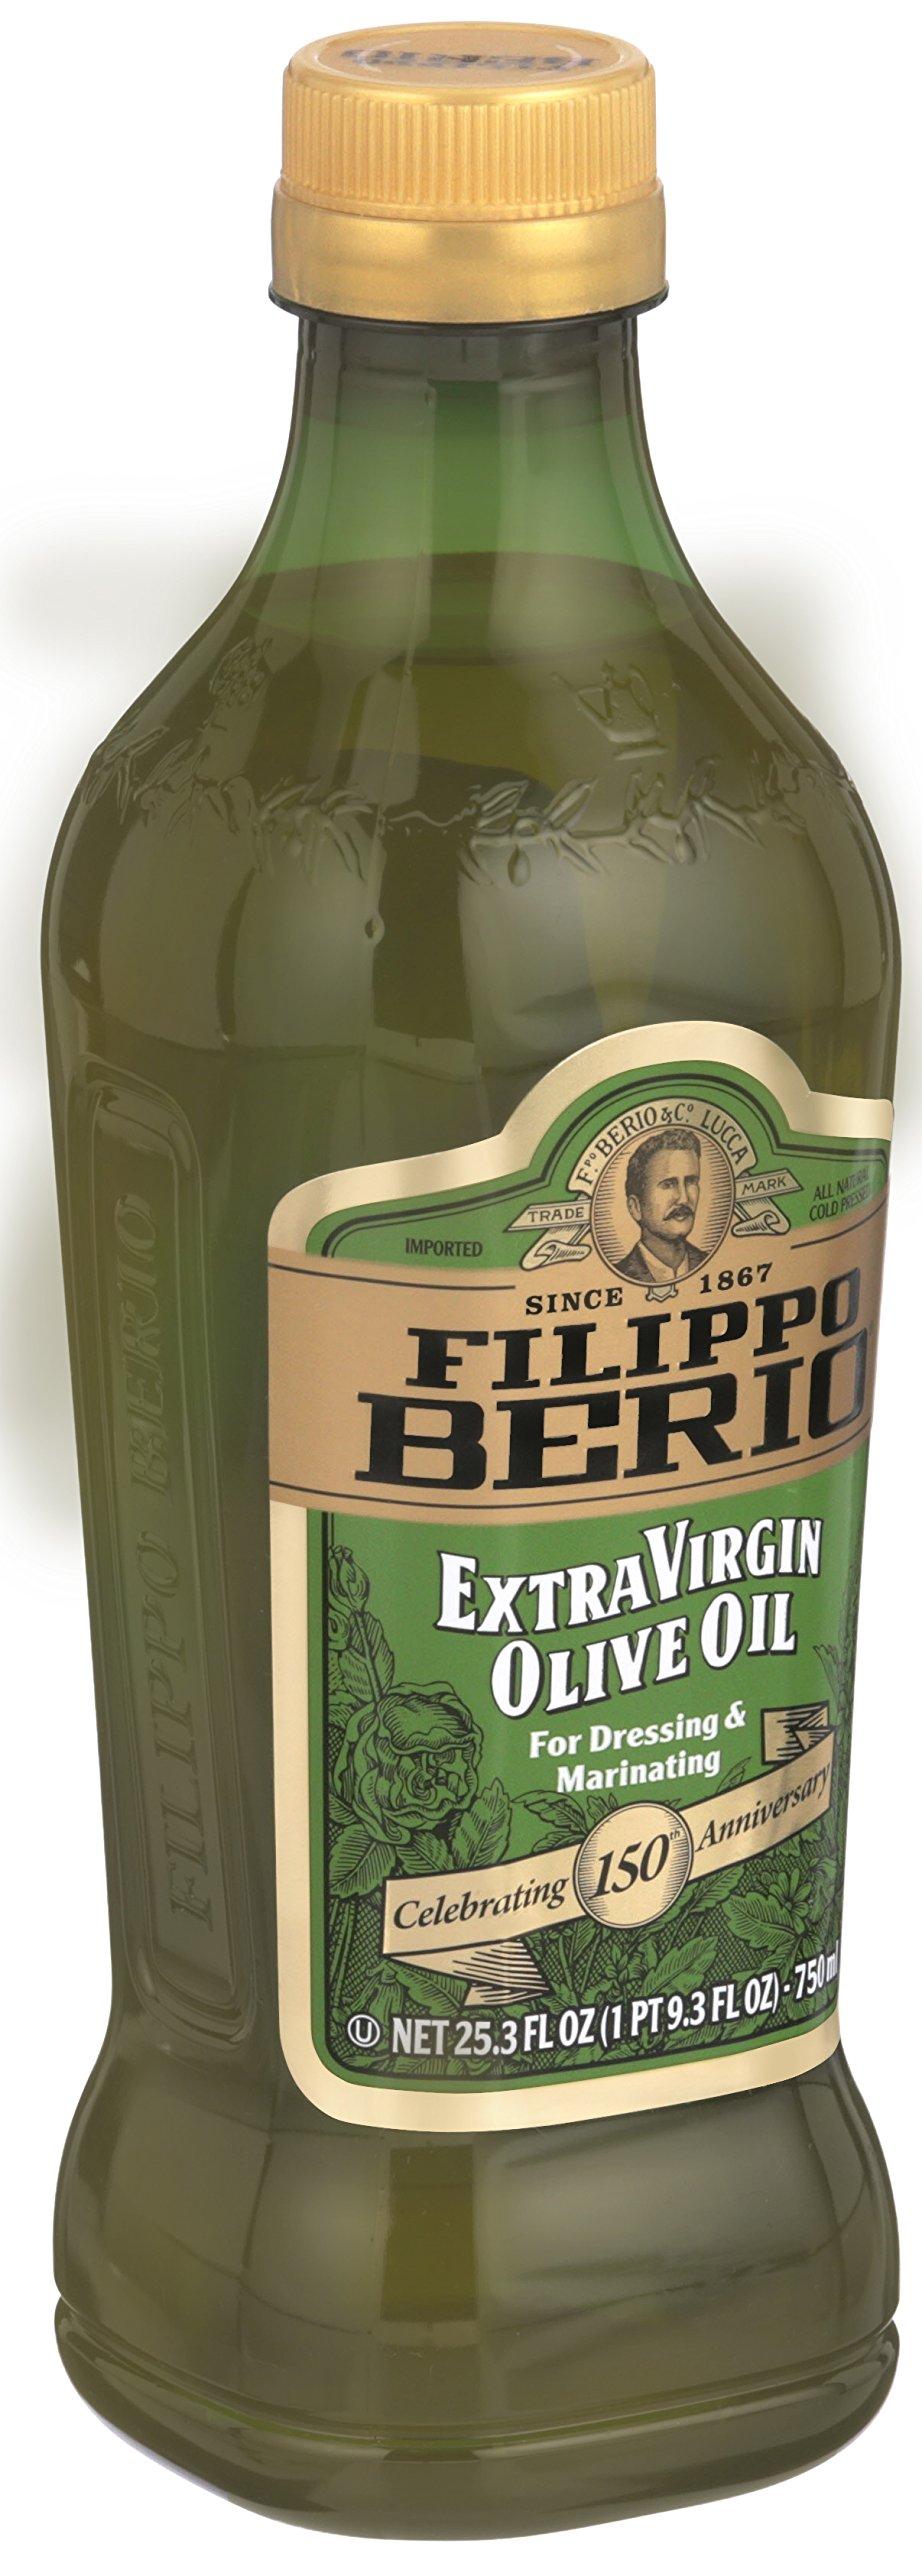 Filippo Berio Extra Virgin Olive Oil, 25.3-Ounce by Filippo Berio (Image #4)